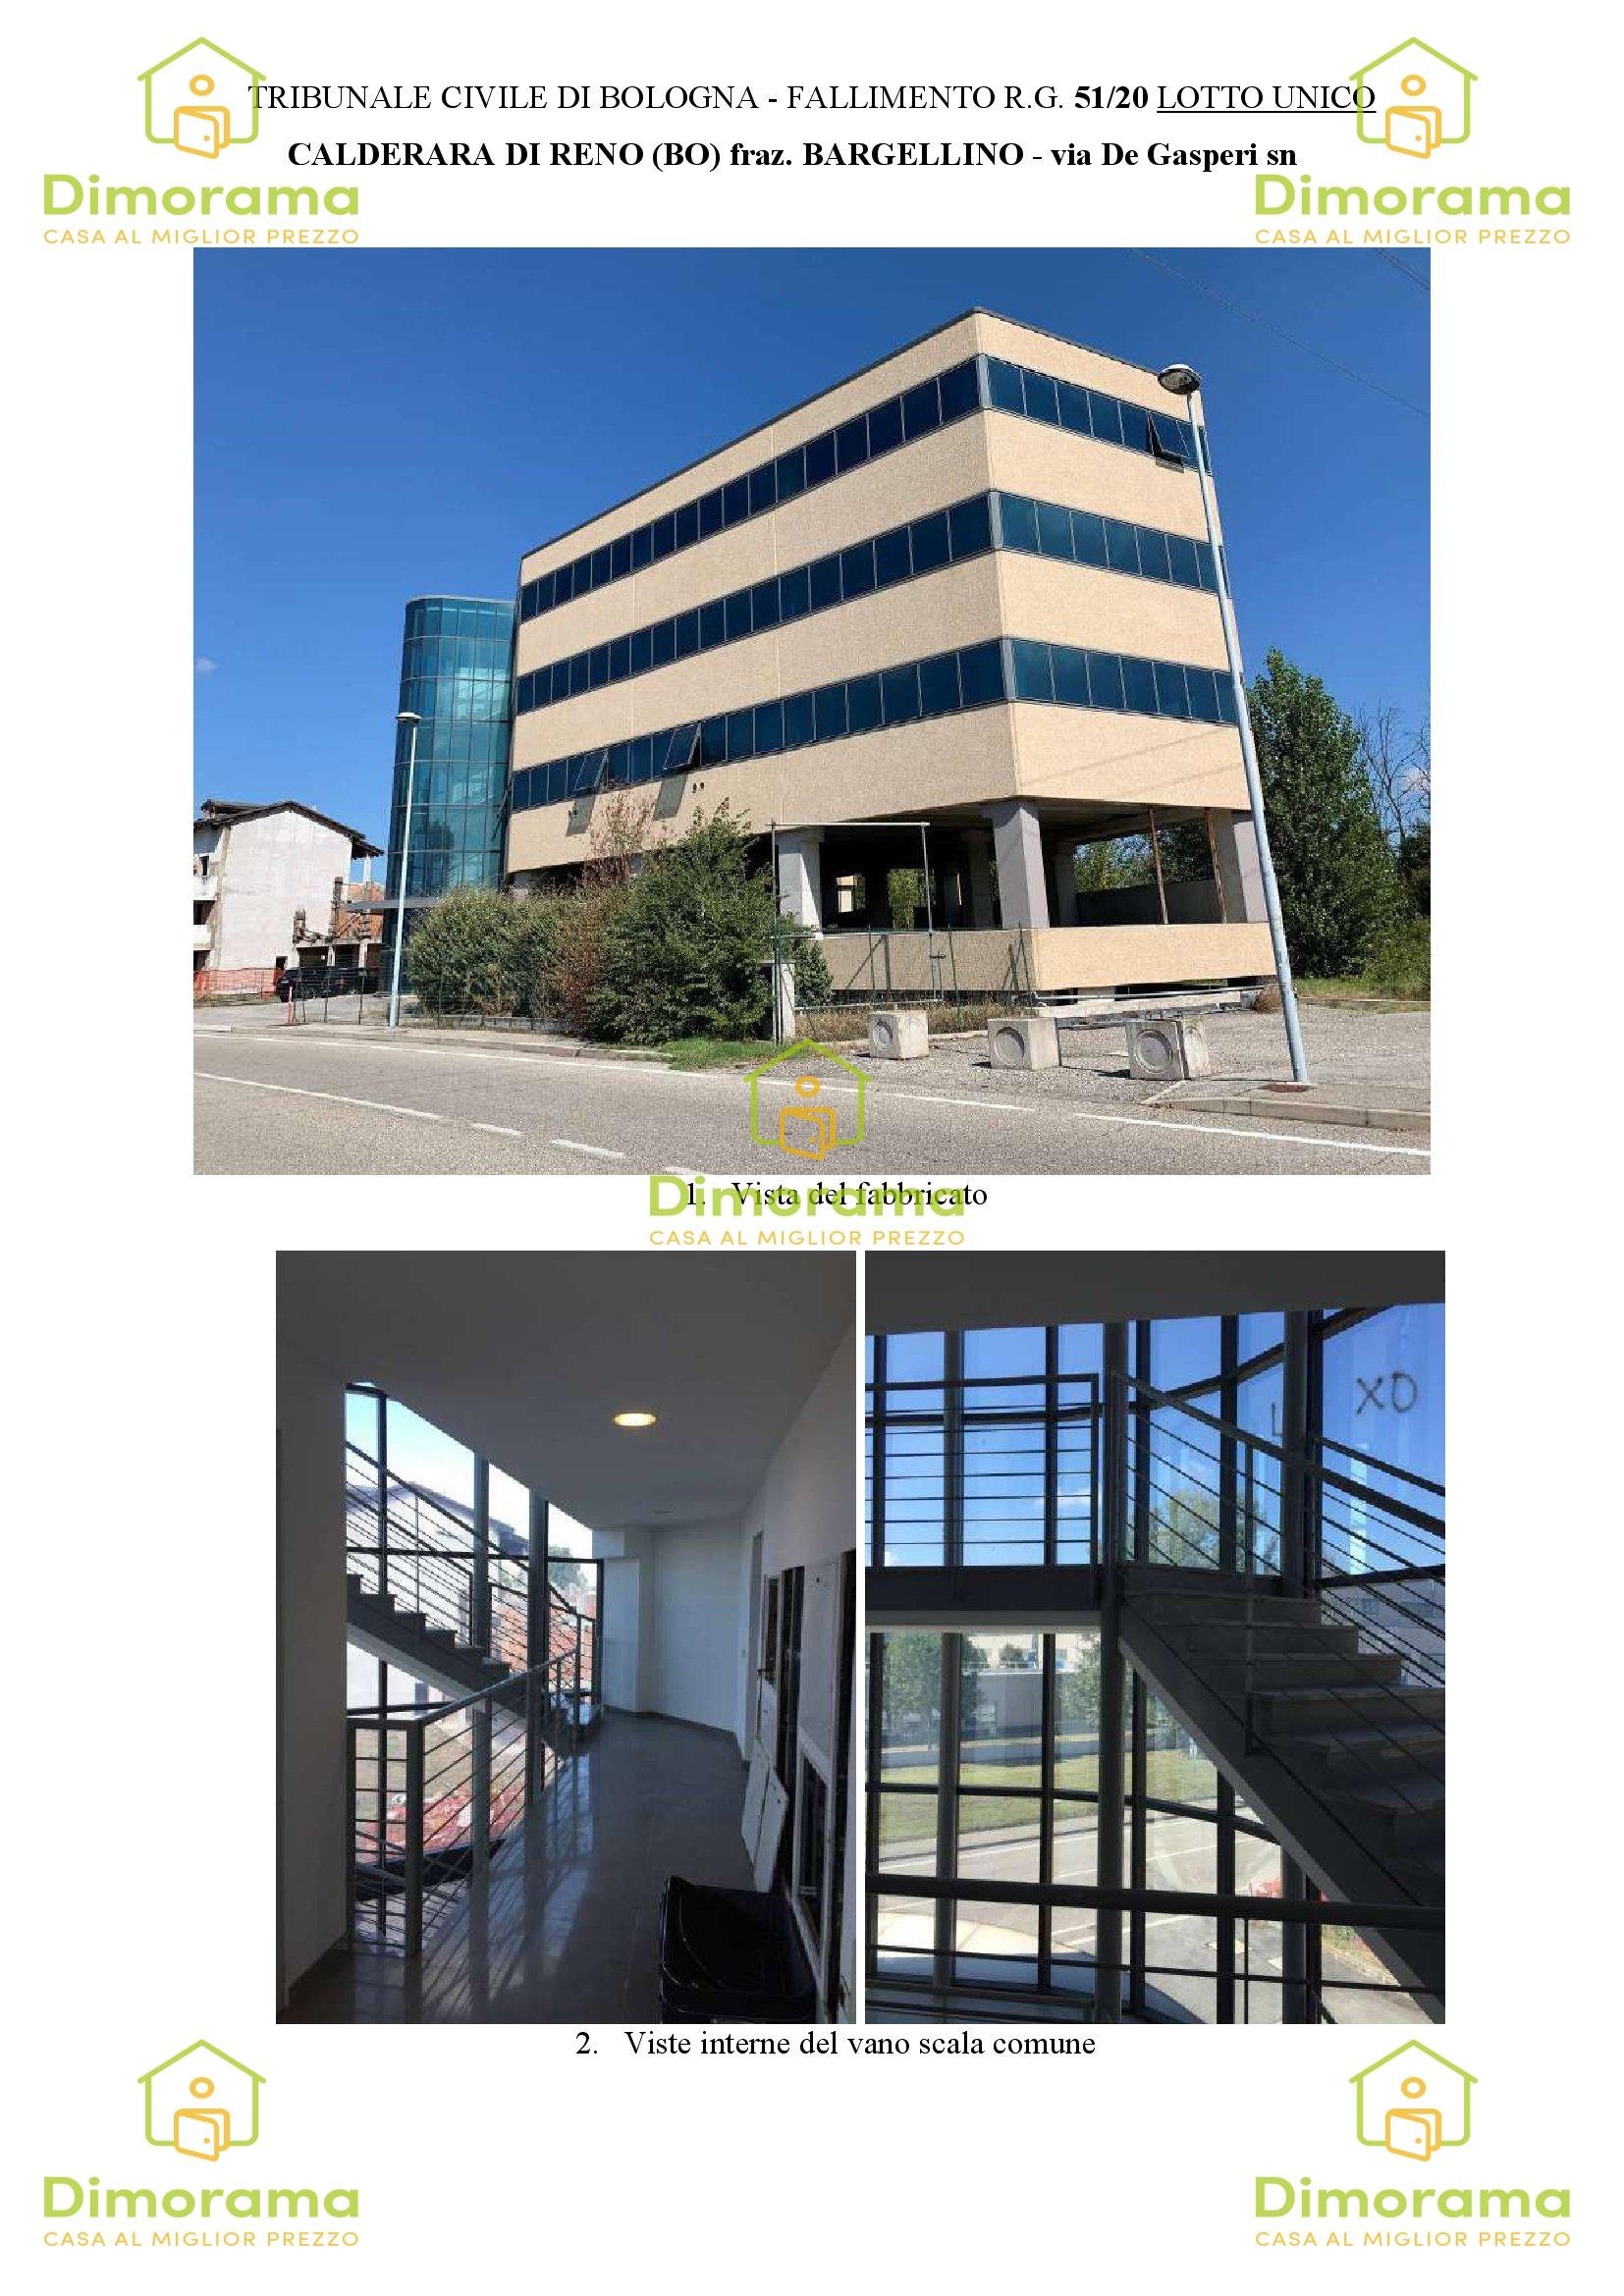 Locale Commerciale in Vendita CALDERARA DI RENO